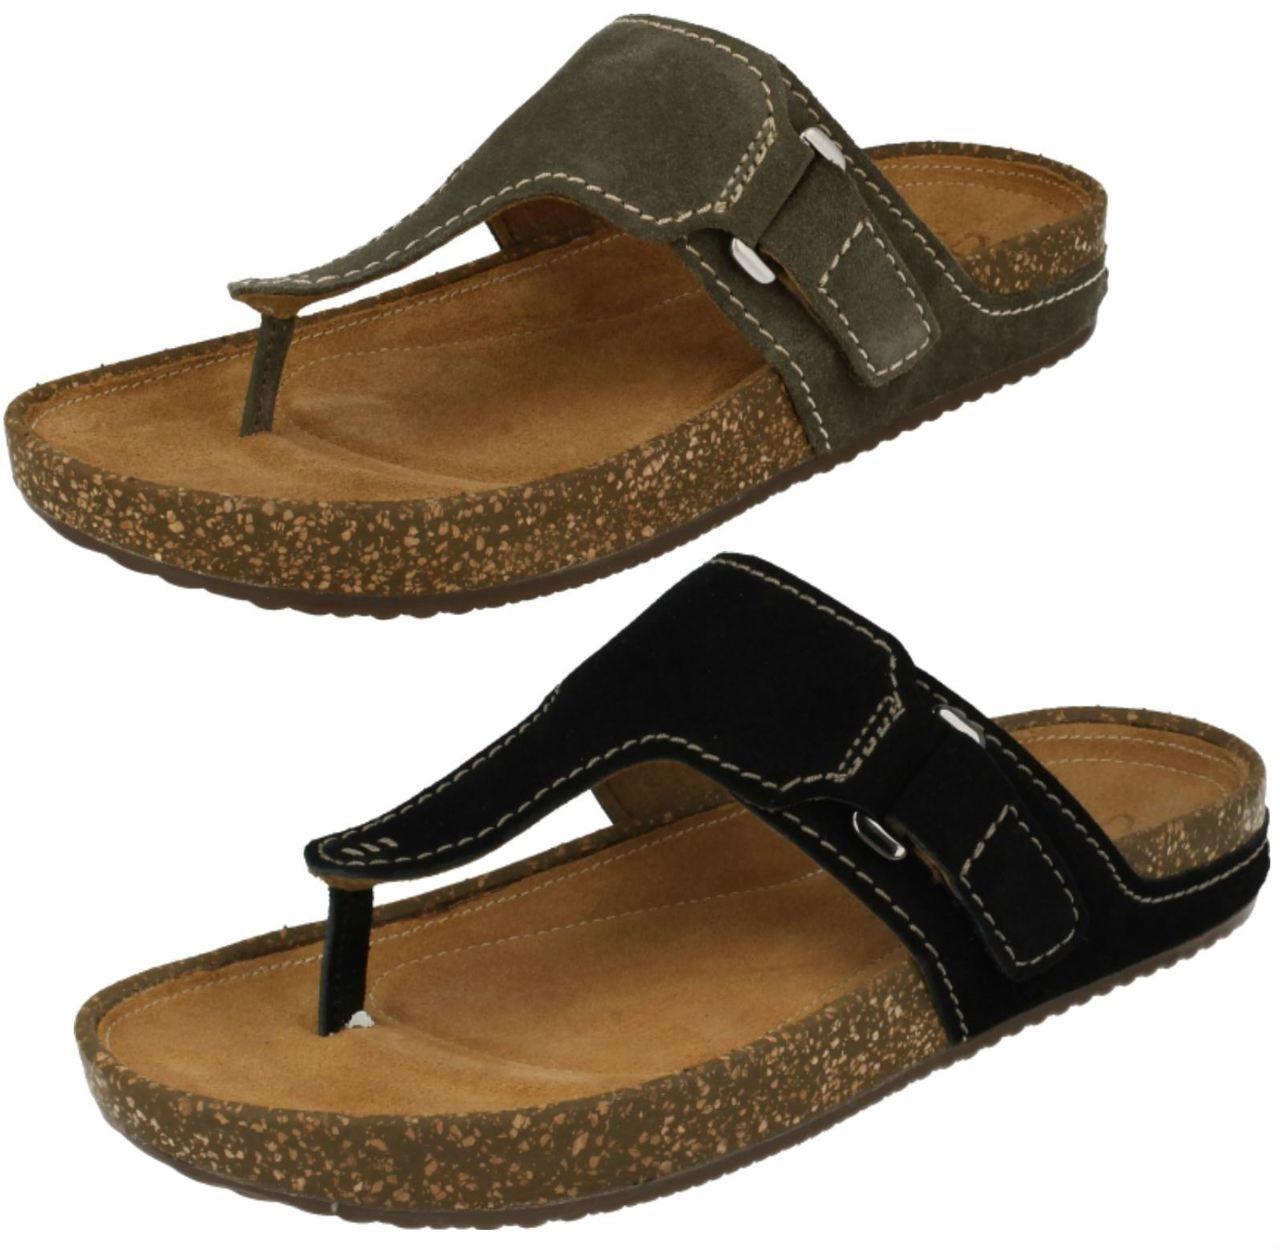 clarks flip flops uk